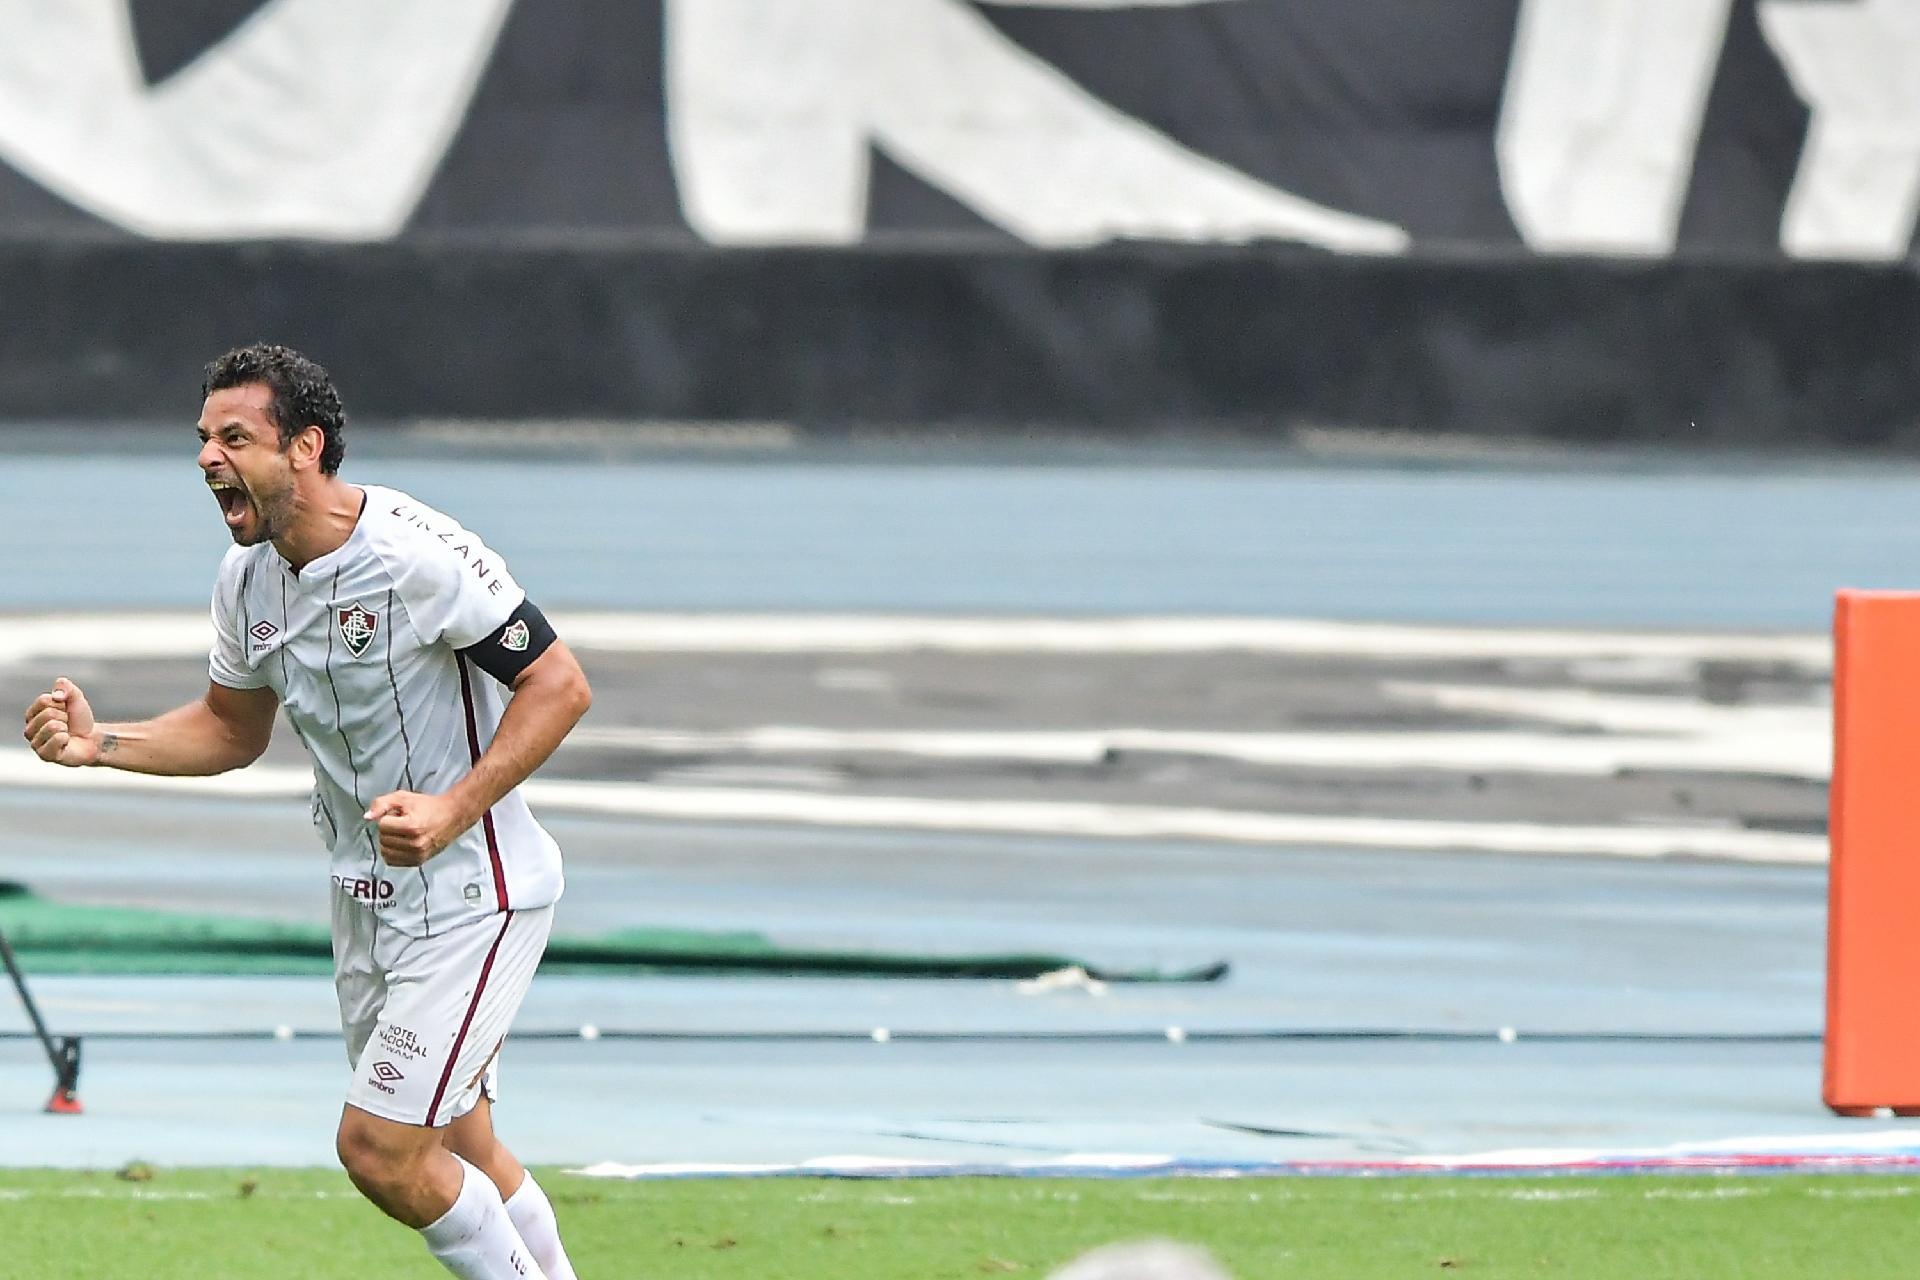 Fred comemora gol do Fluminense contra o Botafogo pelo Brasileirão 2020